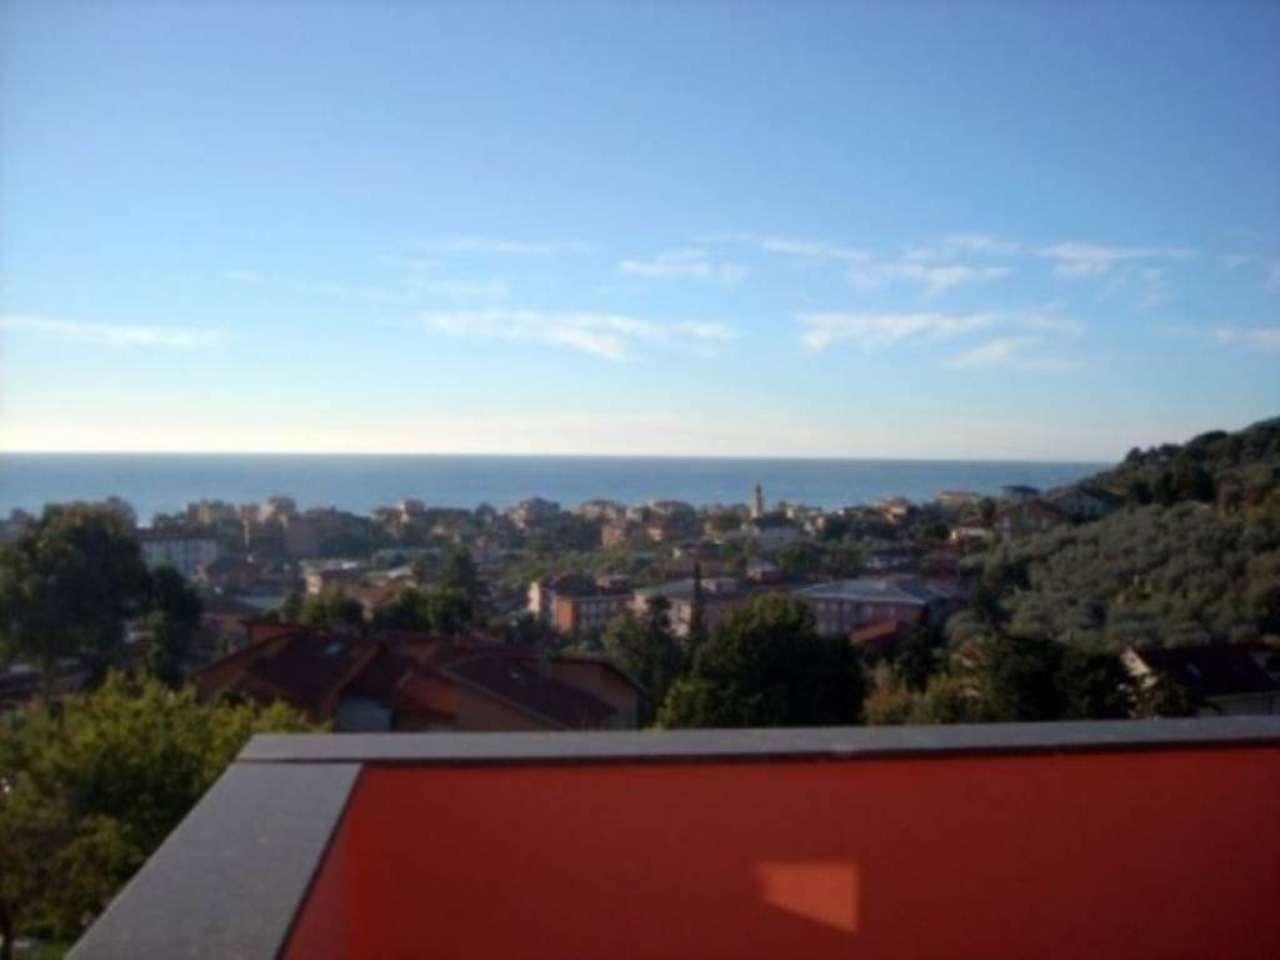 Appartamento in vendita a San Bartolomeo al Mare, 3 locali, prezzo € 215.000 | Cambio Casa.it